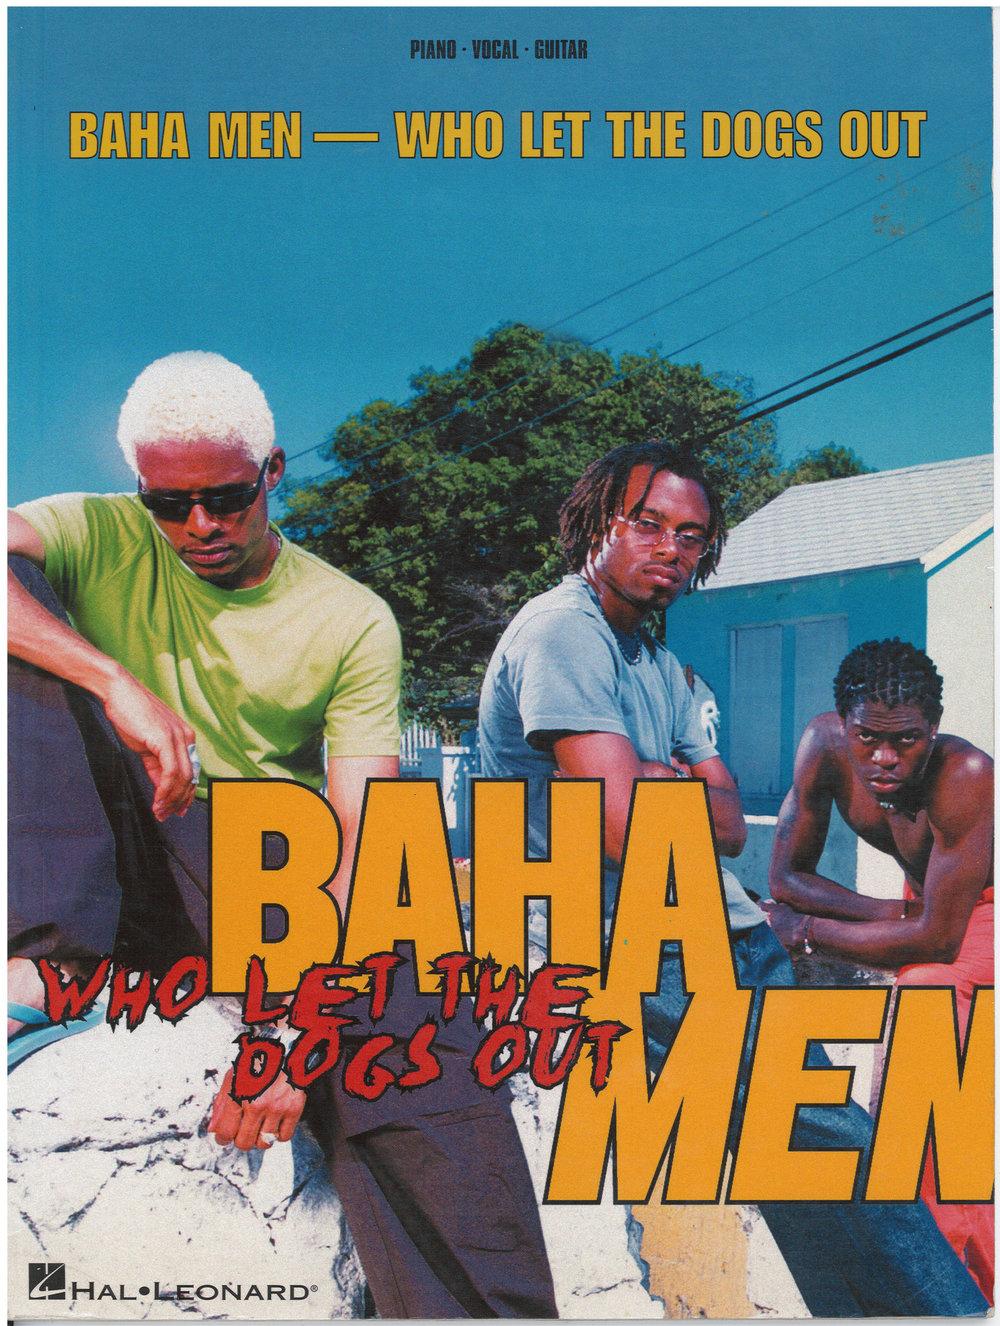 WLWLTDOO-2001-BAHAMEN-SONGBOOK-COVER.jpg